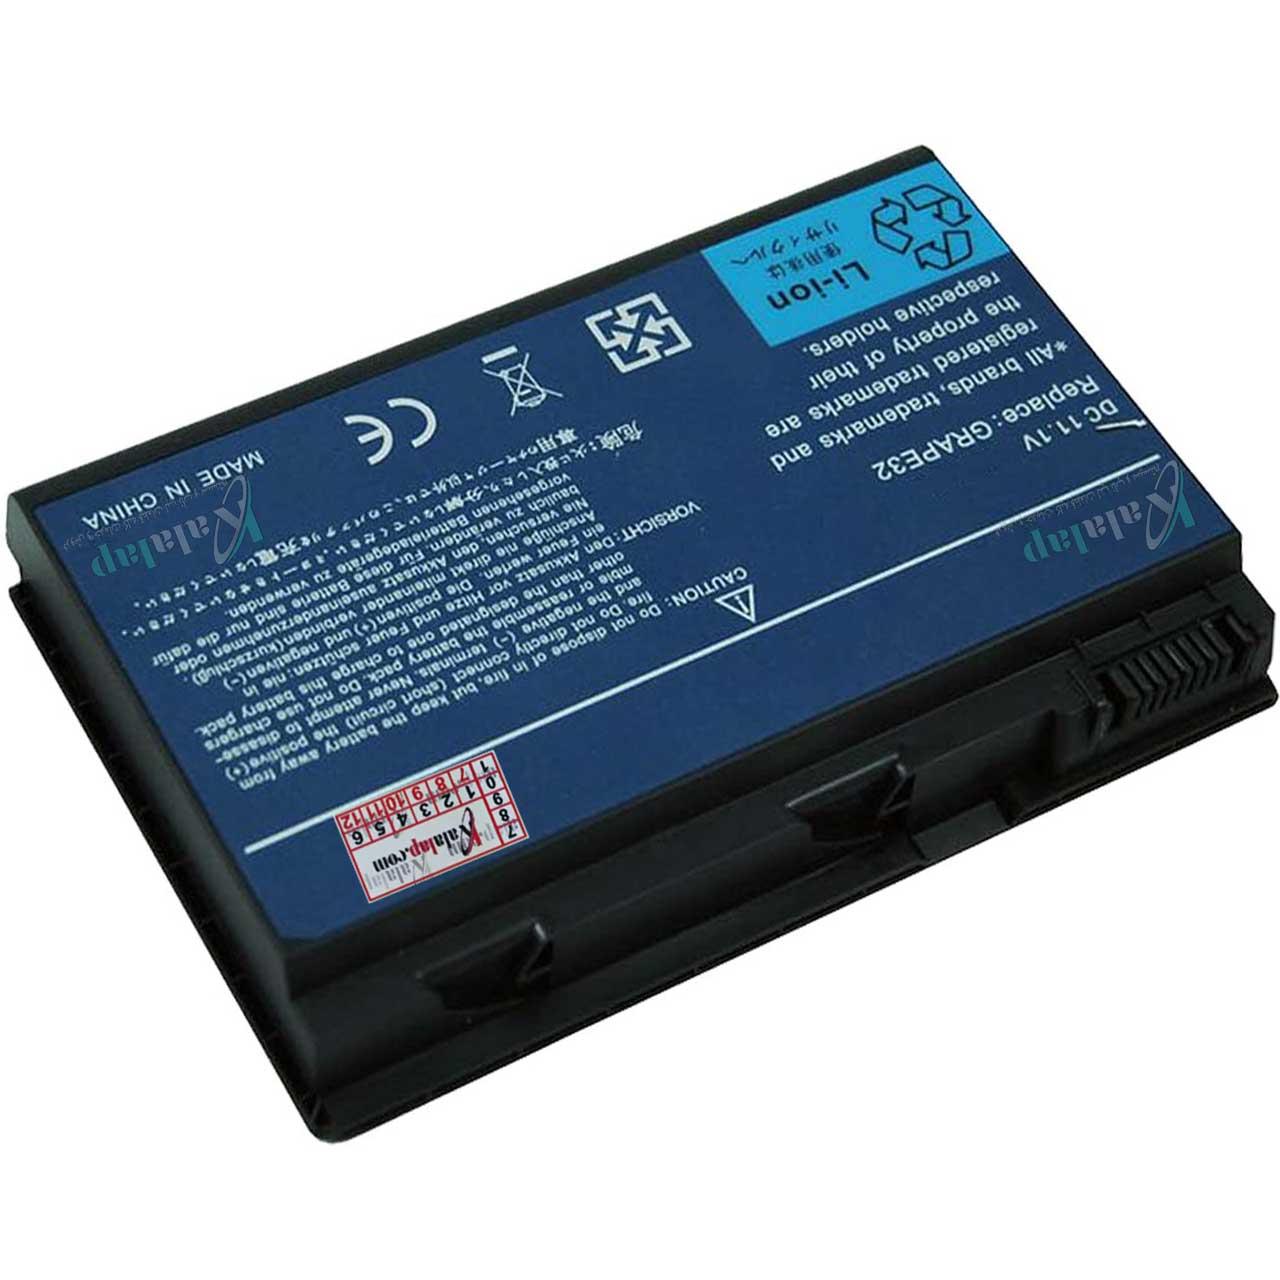 باتری لپ تاپ ایسر TravelMate 5520 5320 5720 6592